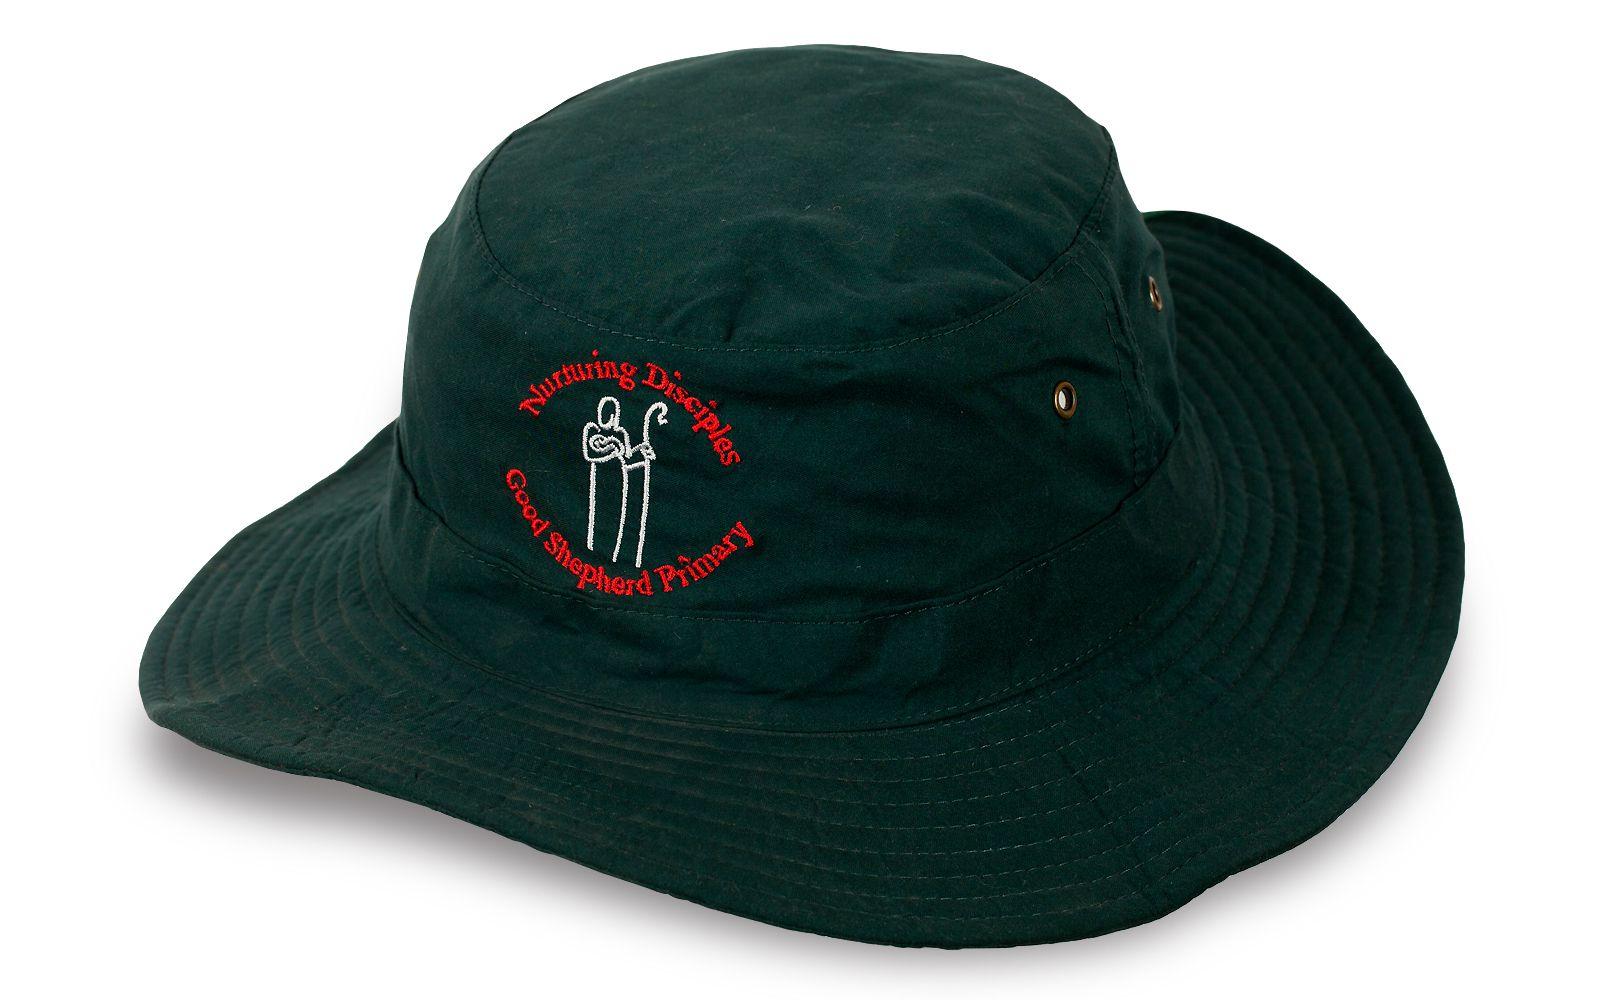 Шляпа для посещения крымских достопримечательностей